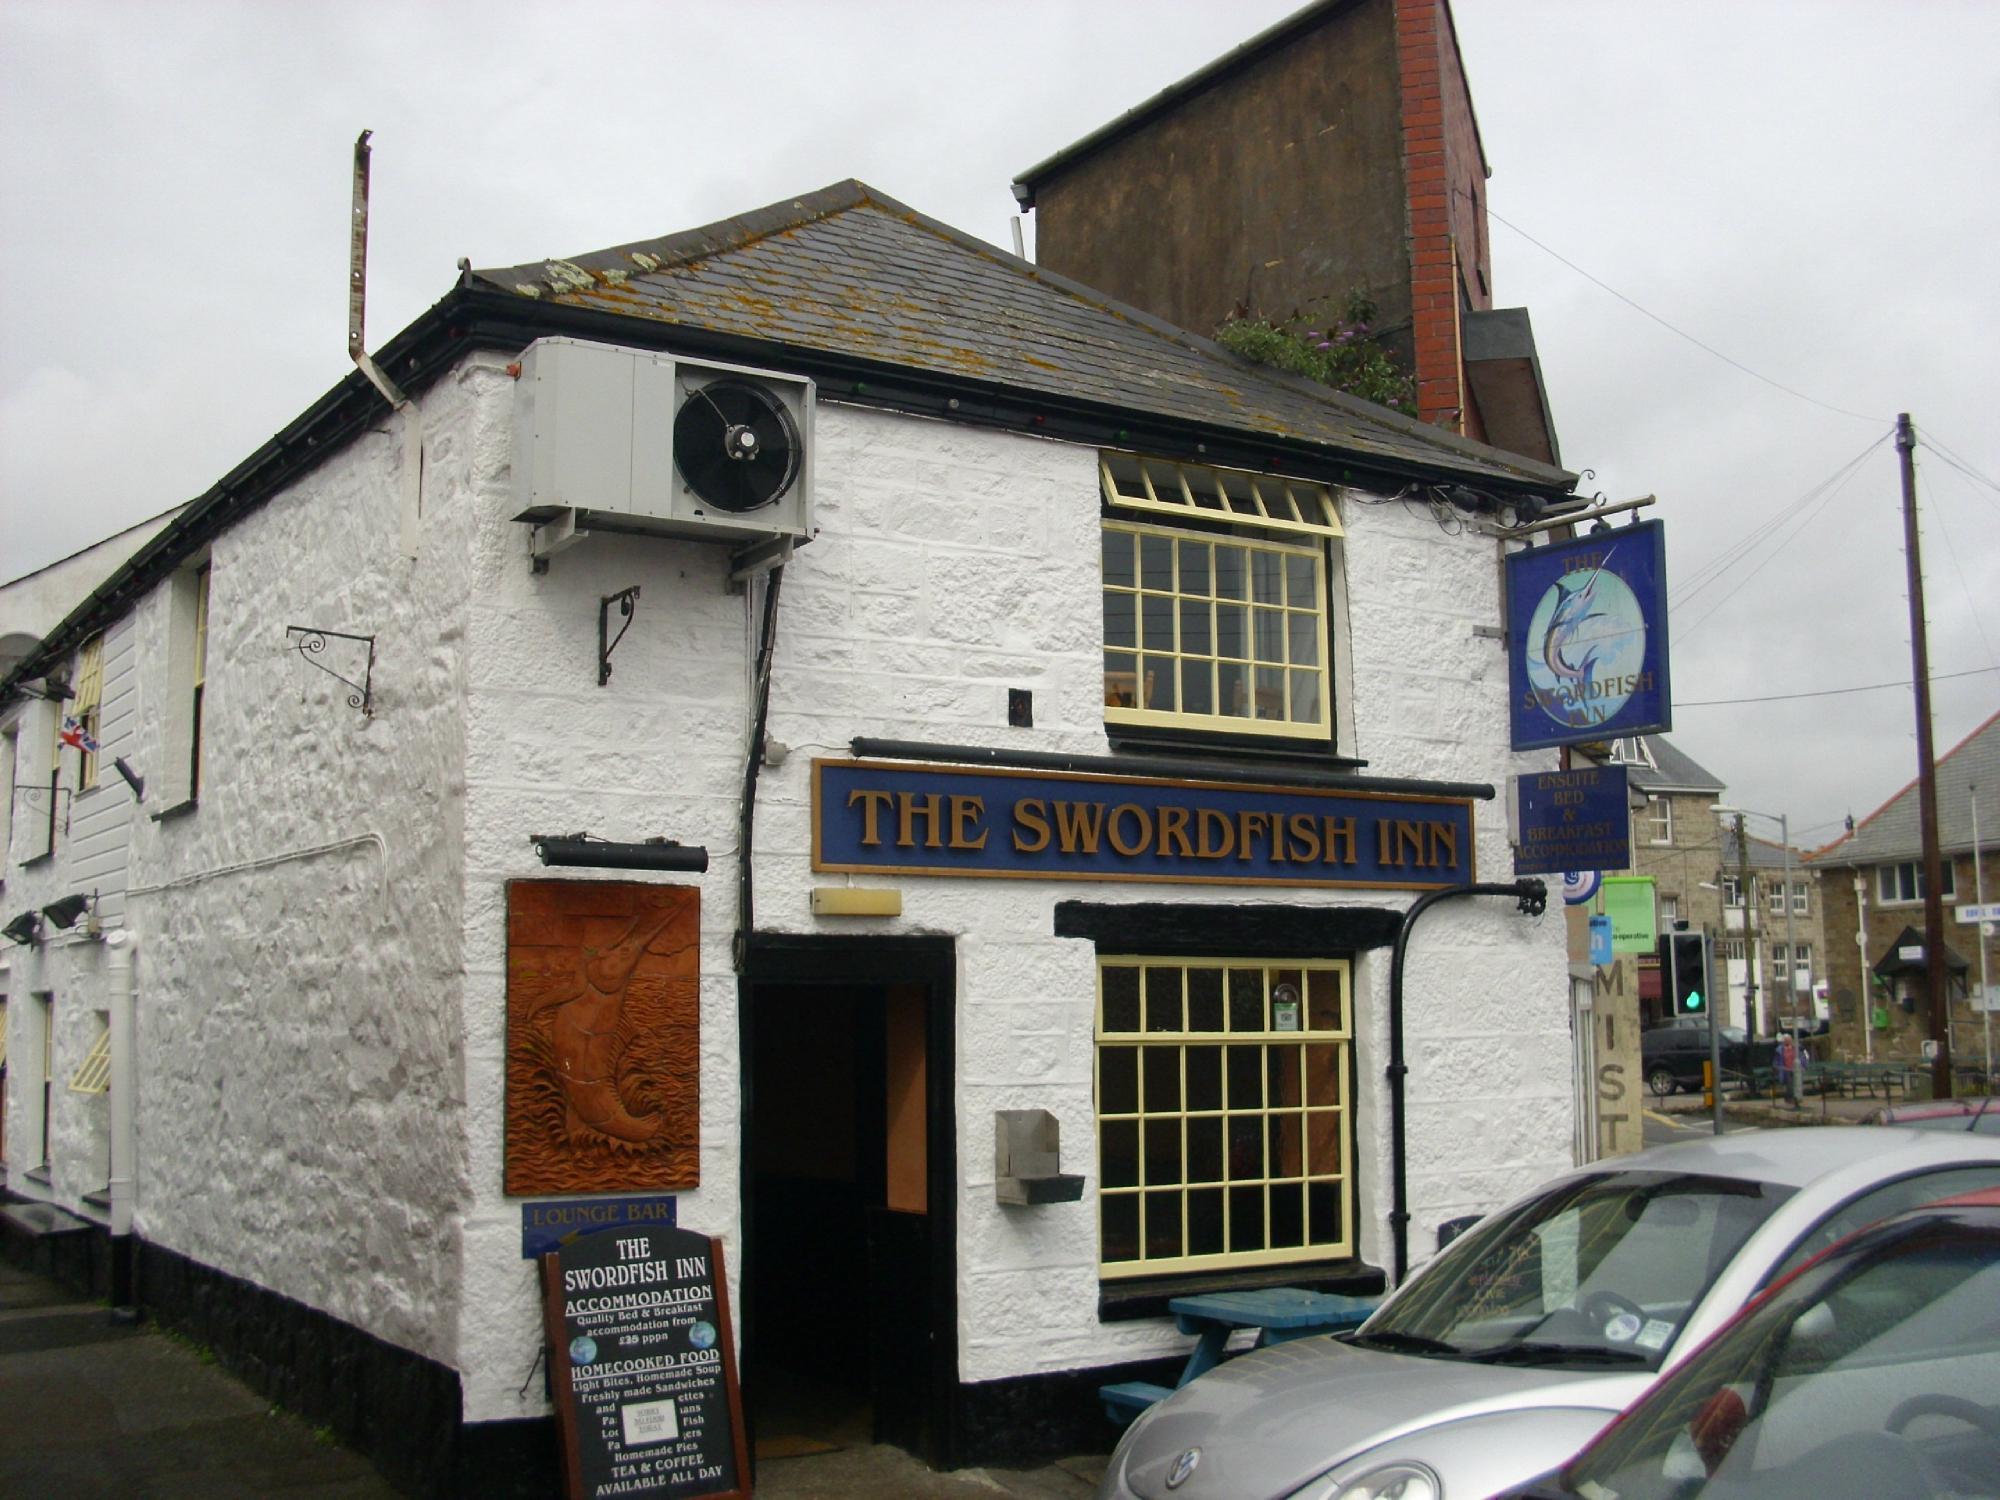 Swordfish Inn